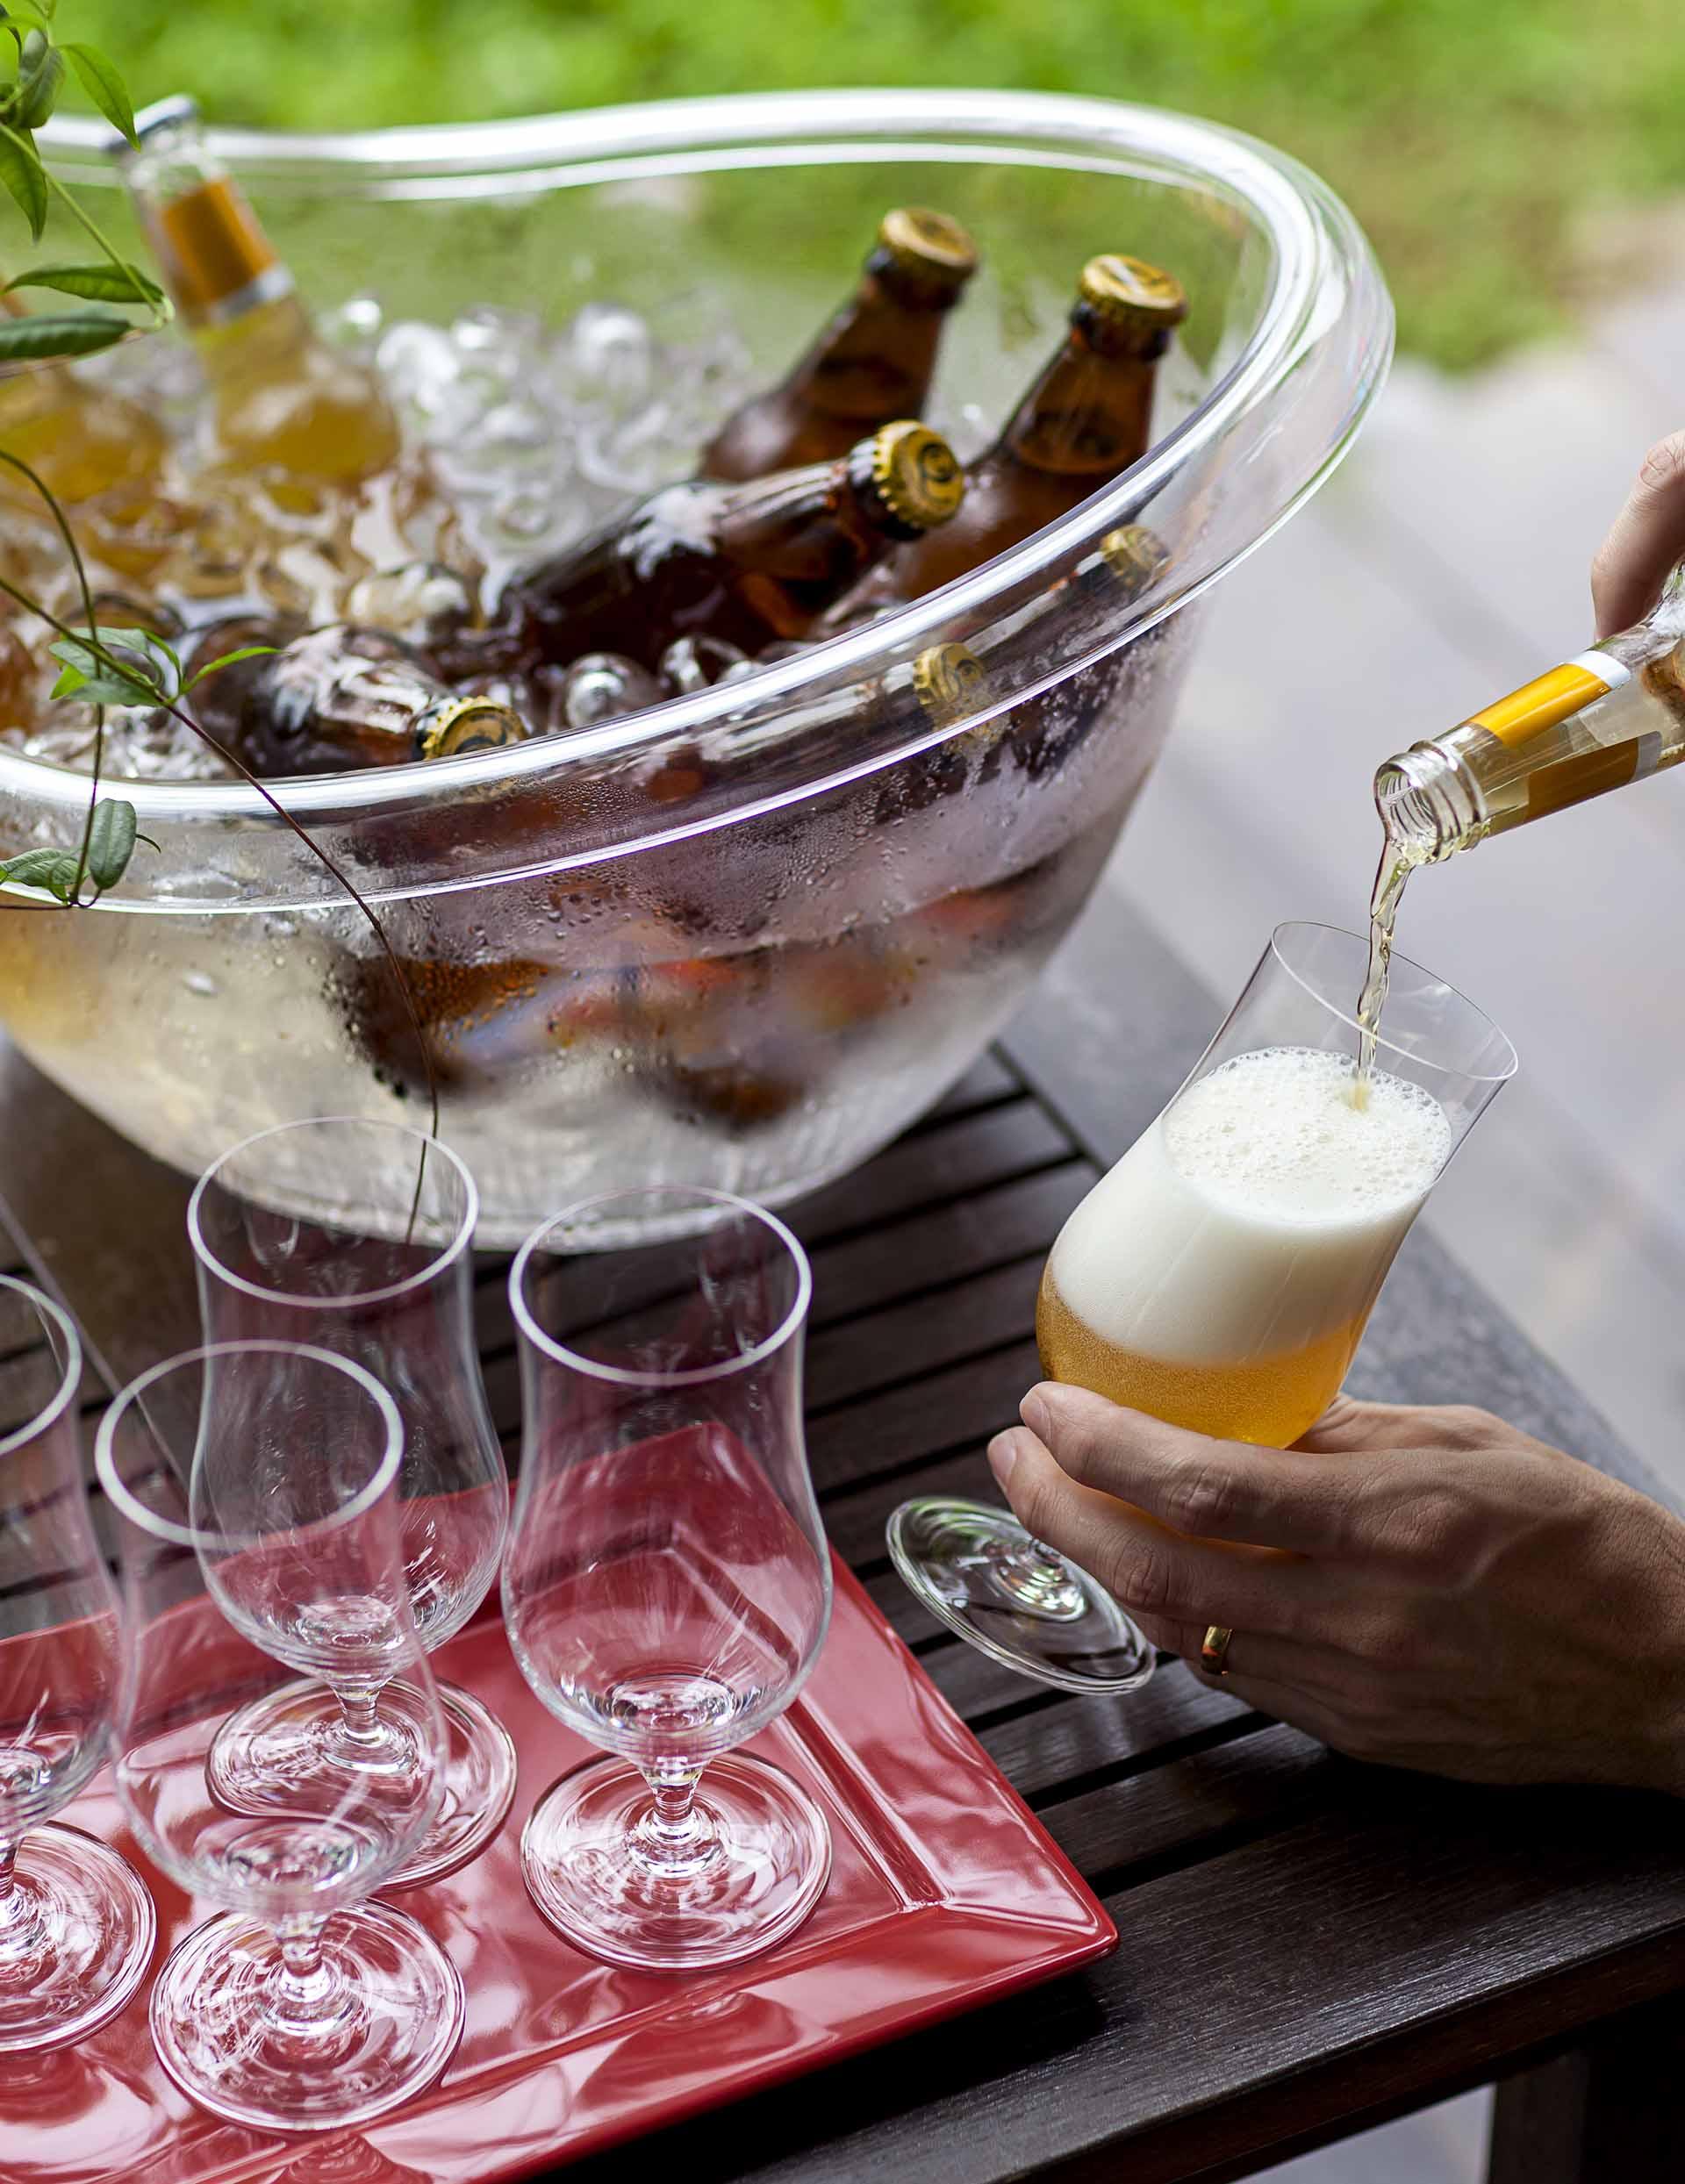 Imagem: Uma das formas de se gelar bebidas de maneira eficiente é usando um recipiente com gelo e sal. Foto: Raphael Günther/Bespoke Content.